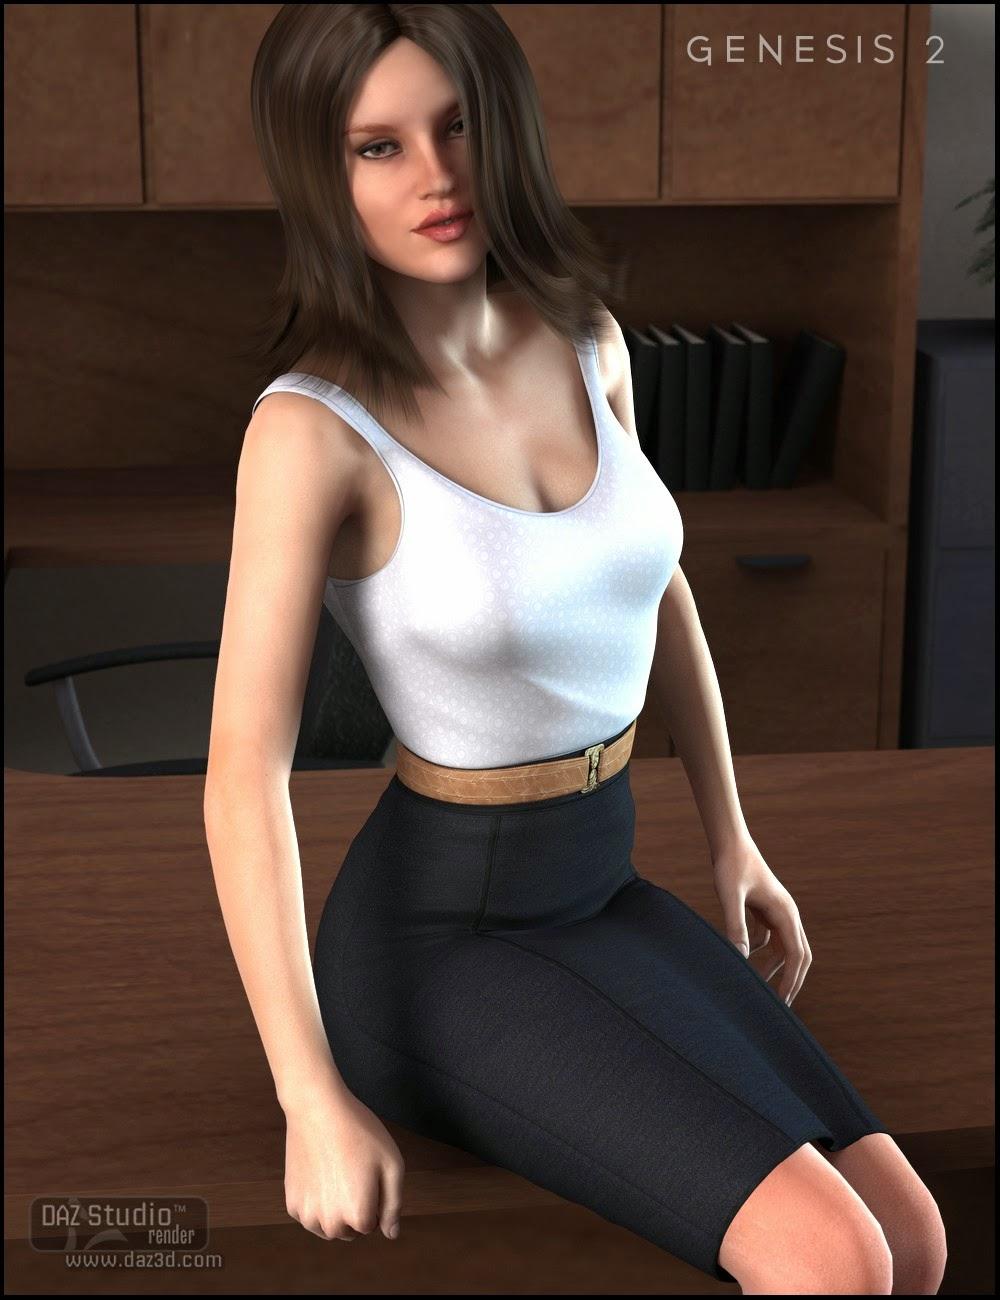 Robe journée de travail pour Genesis 2 Femme